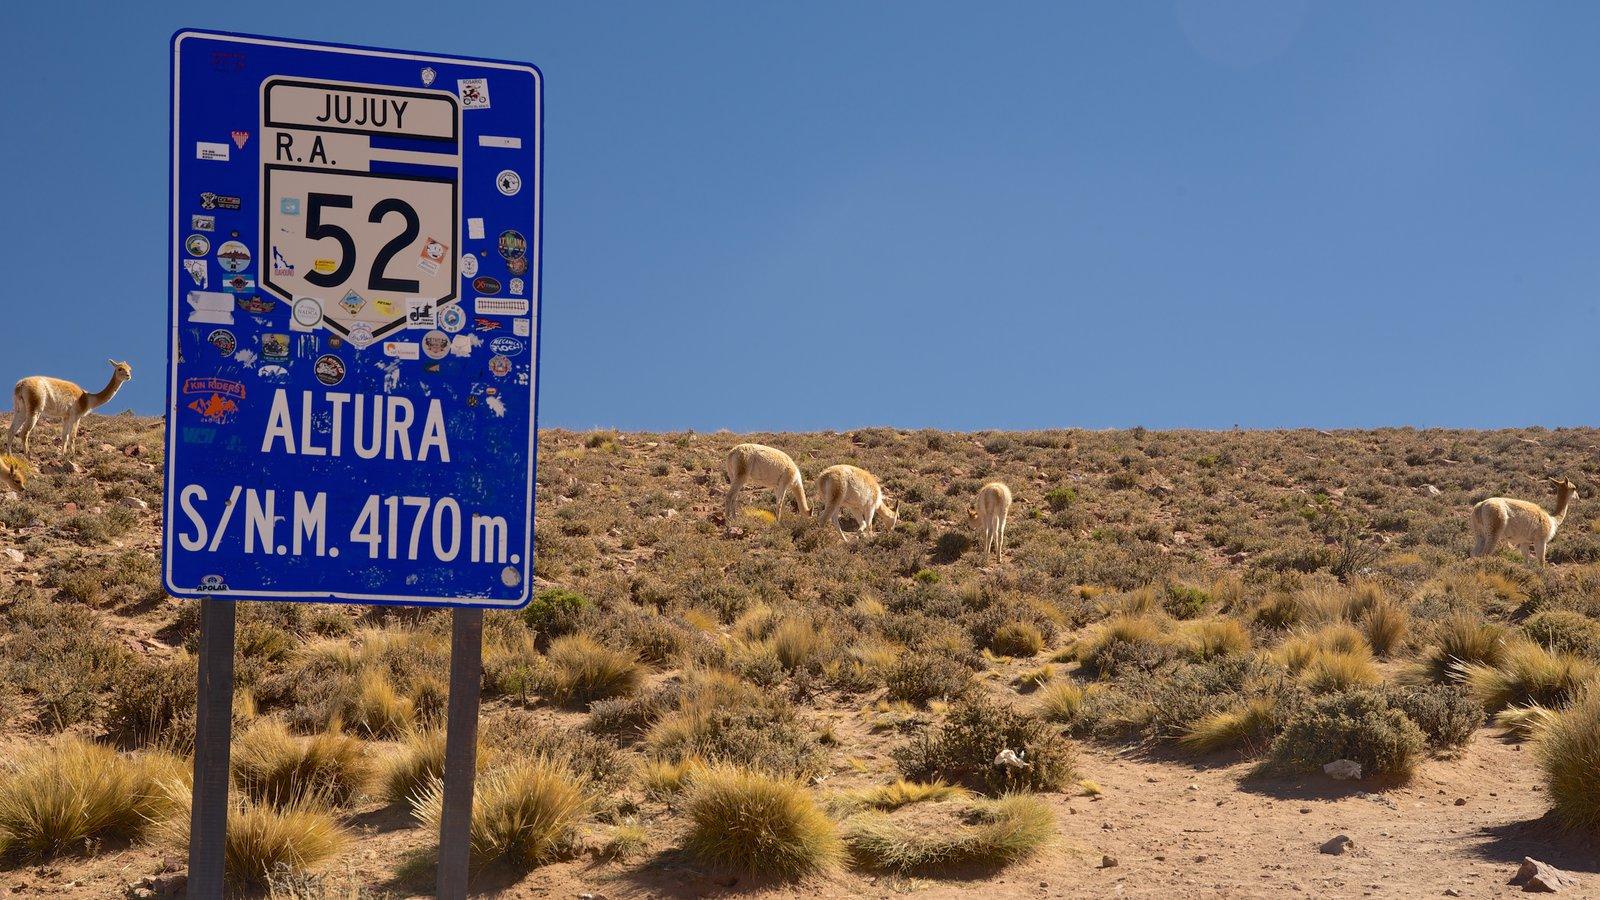 Jujuy mostrando sinalização